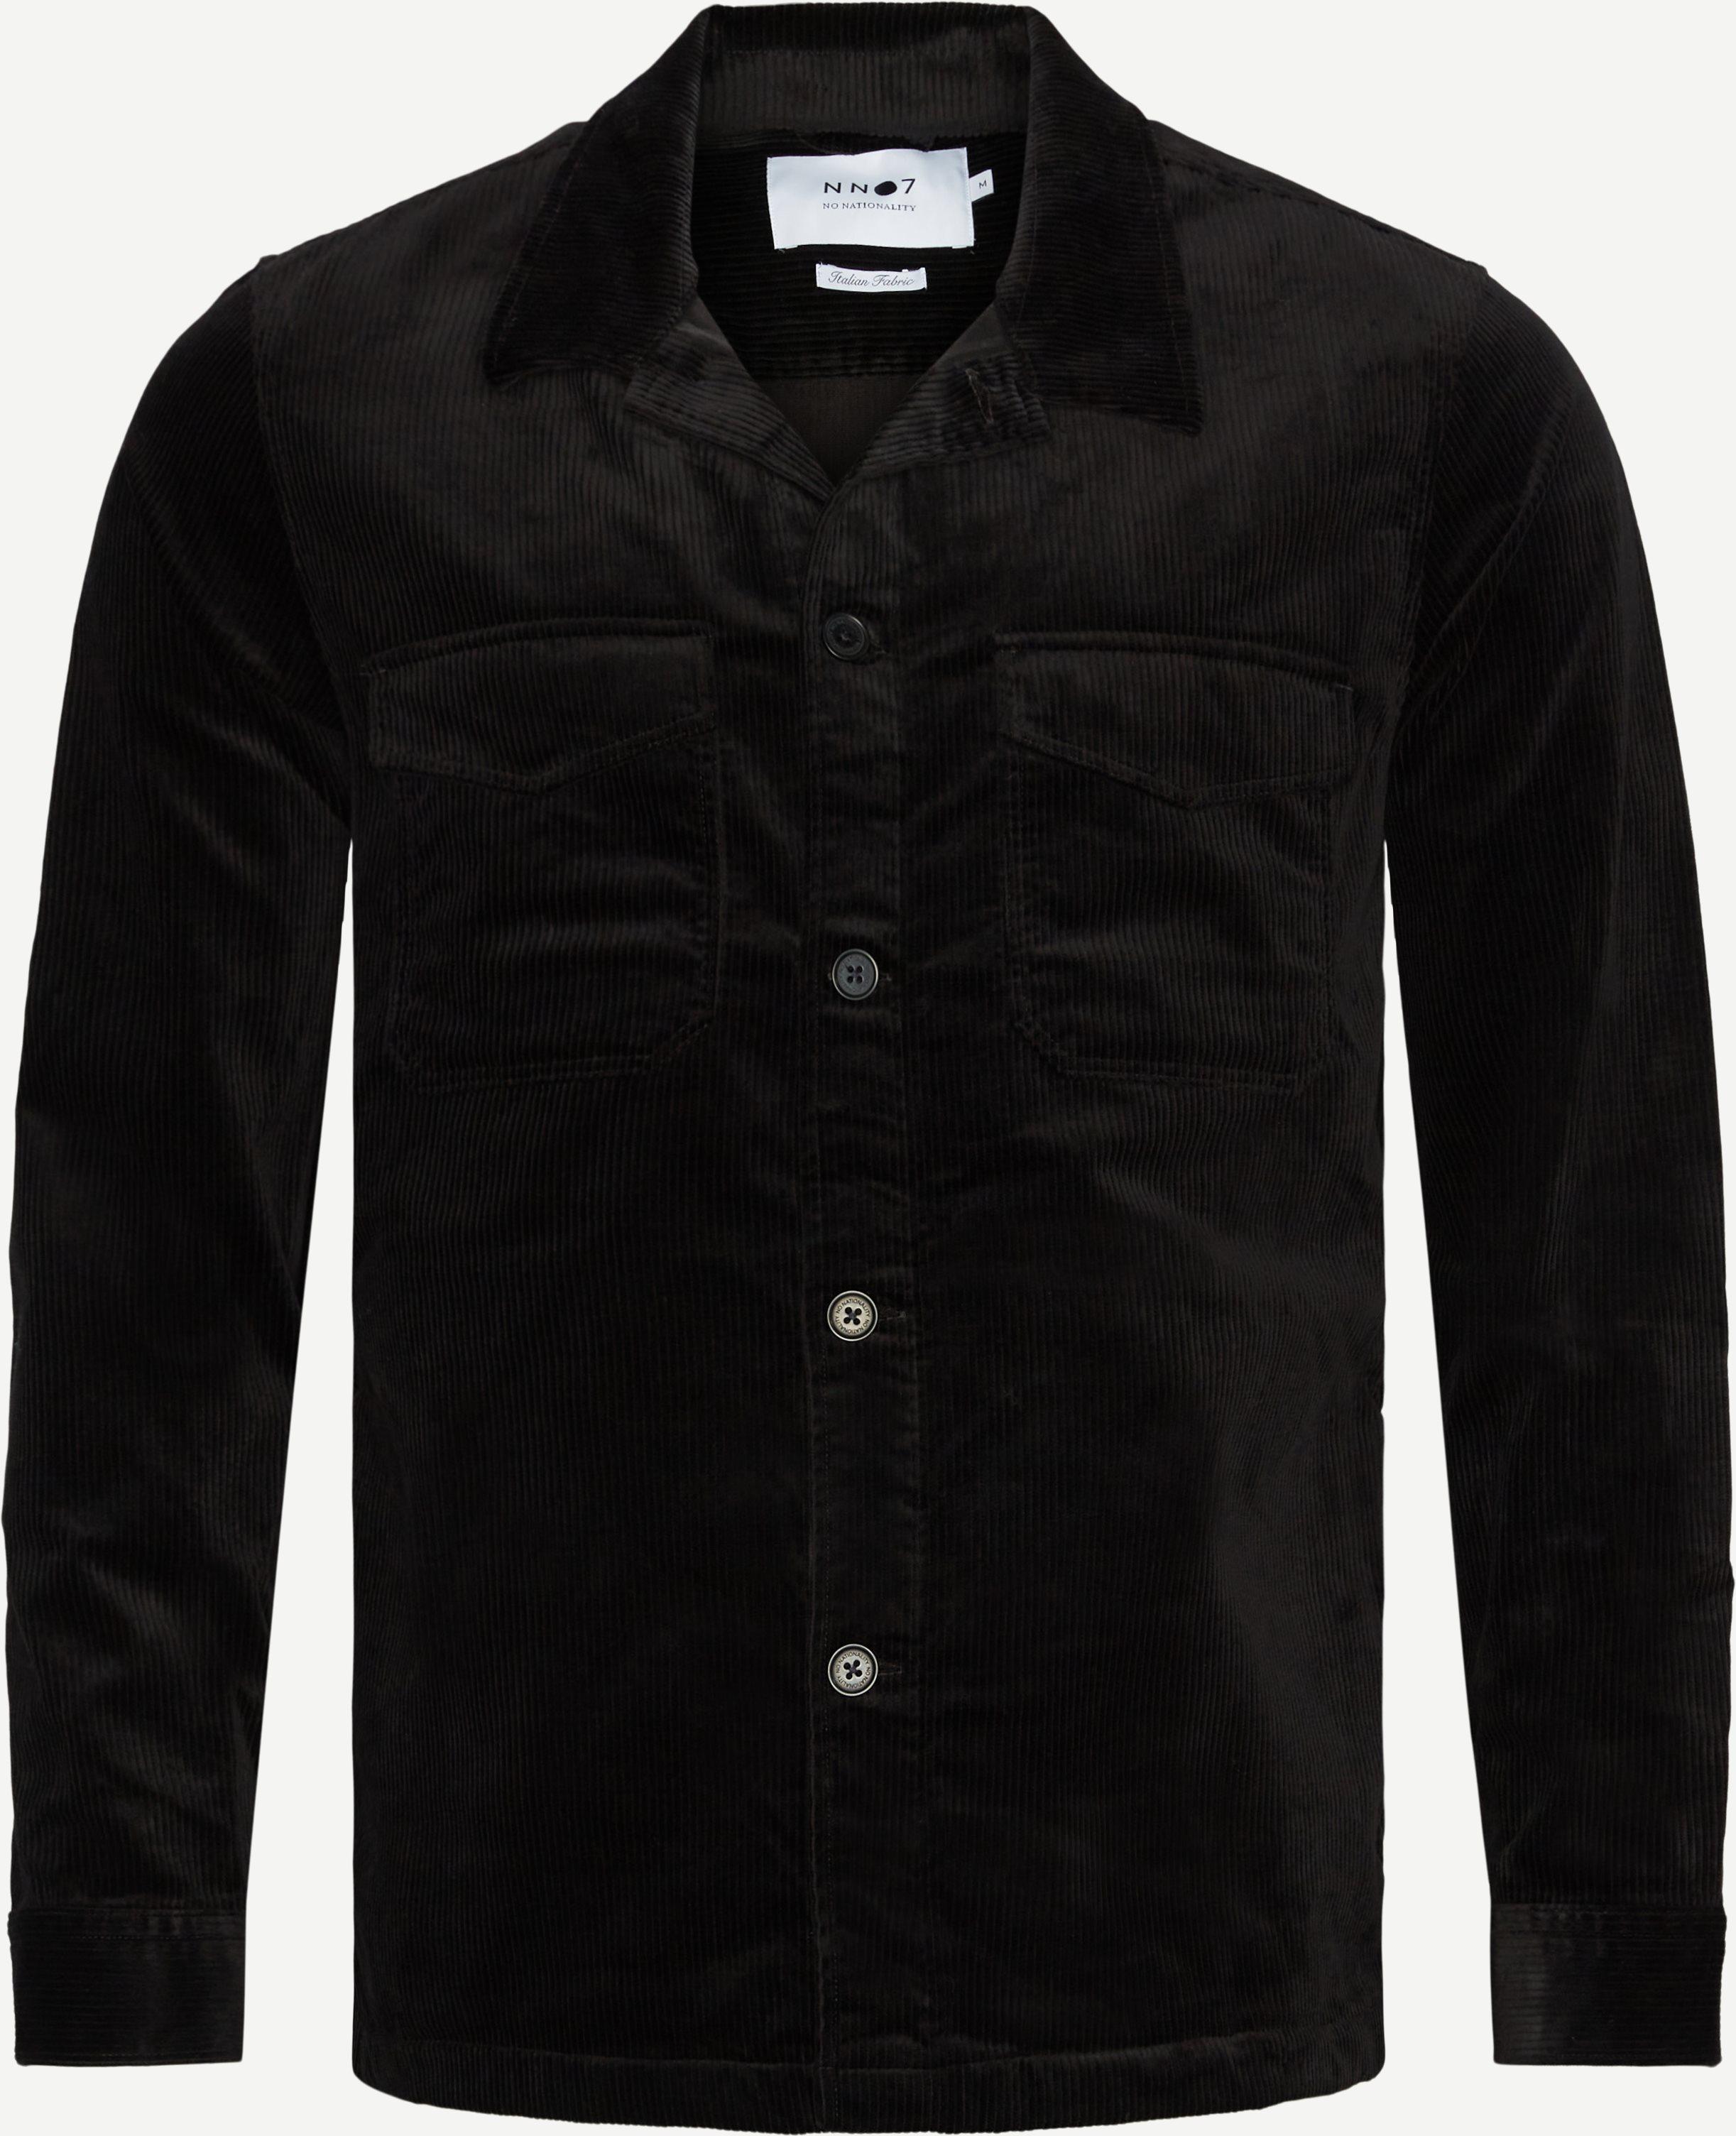 Bernard 1322 Overshirt - Overshirts - Regular fit - Sort